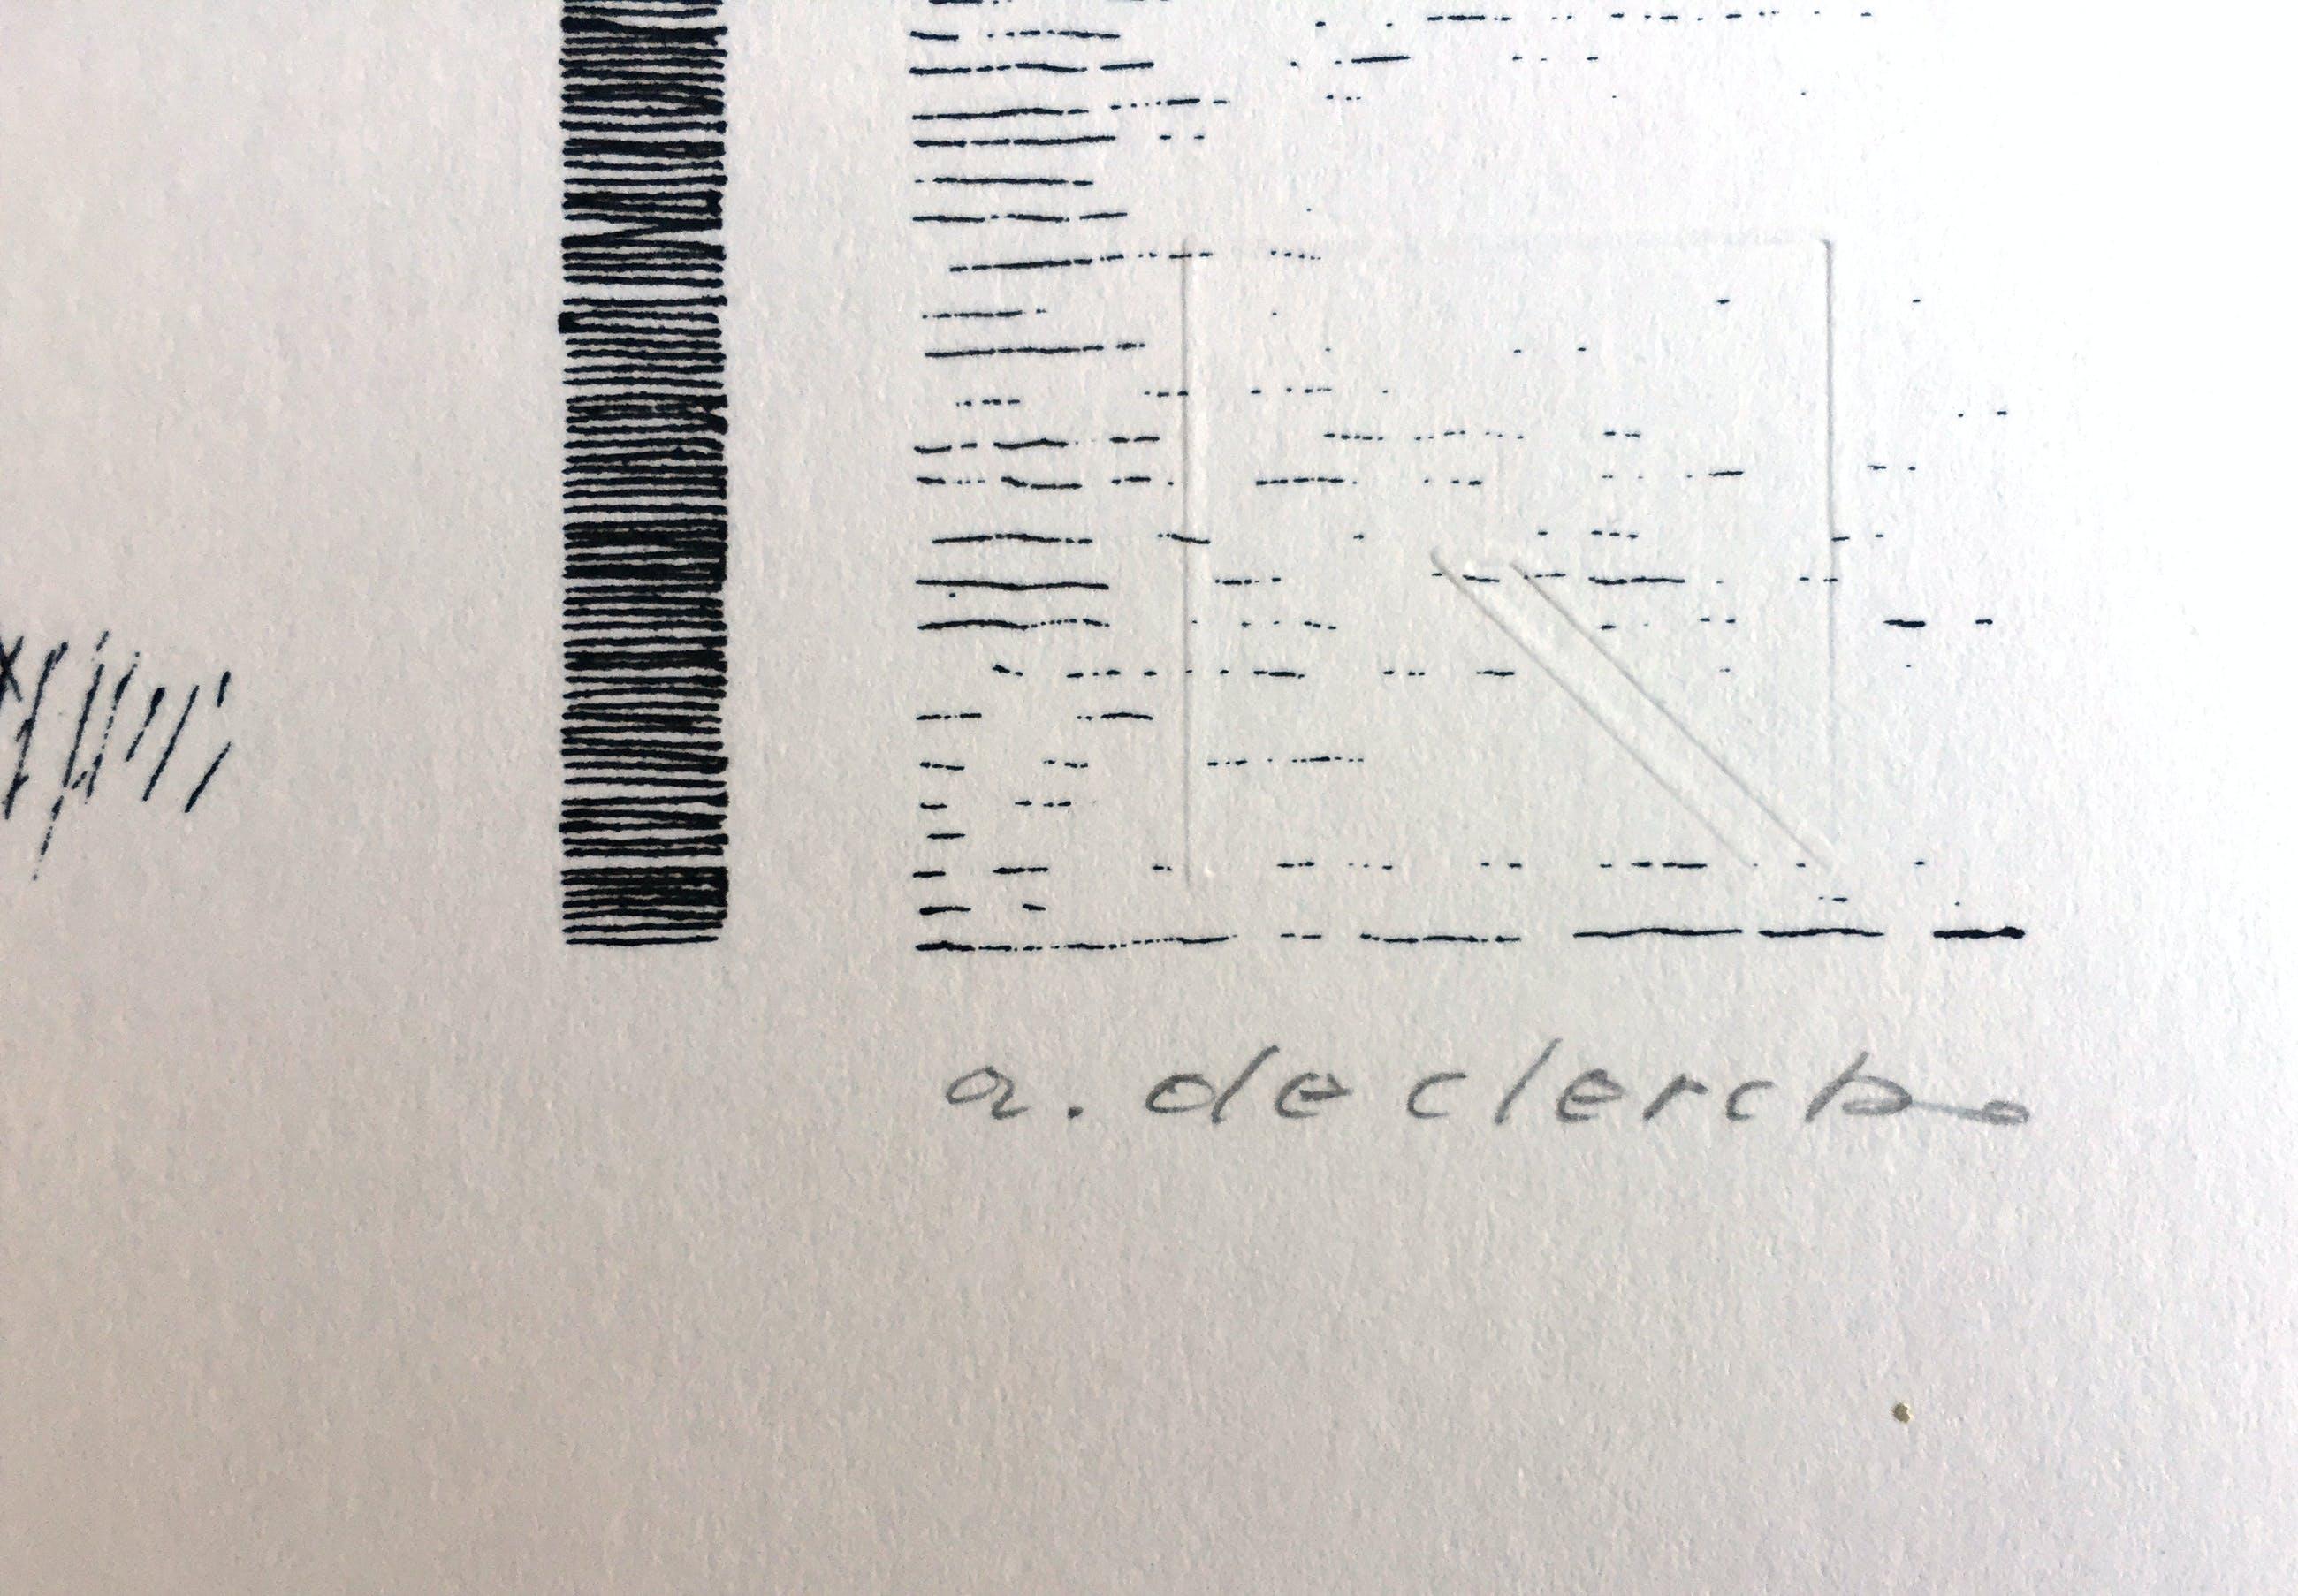 Antoon de Clerck - Stoel + Zittend figuur kopen? Bied vanaf 35!